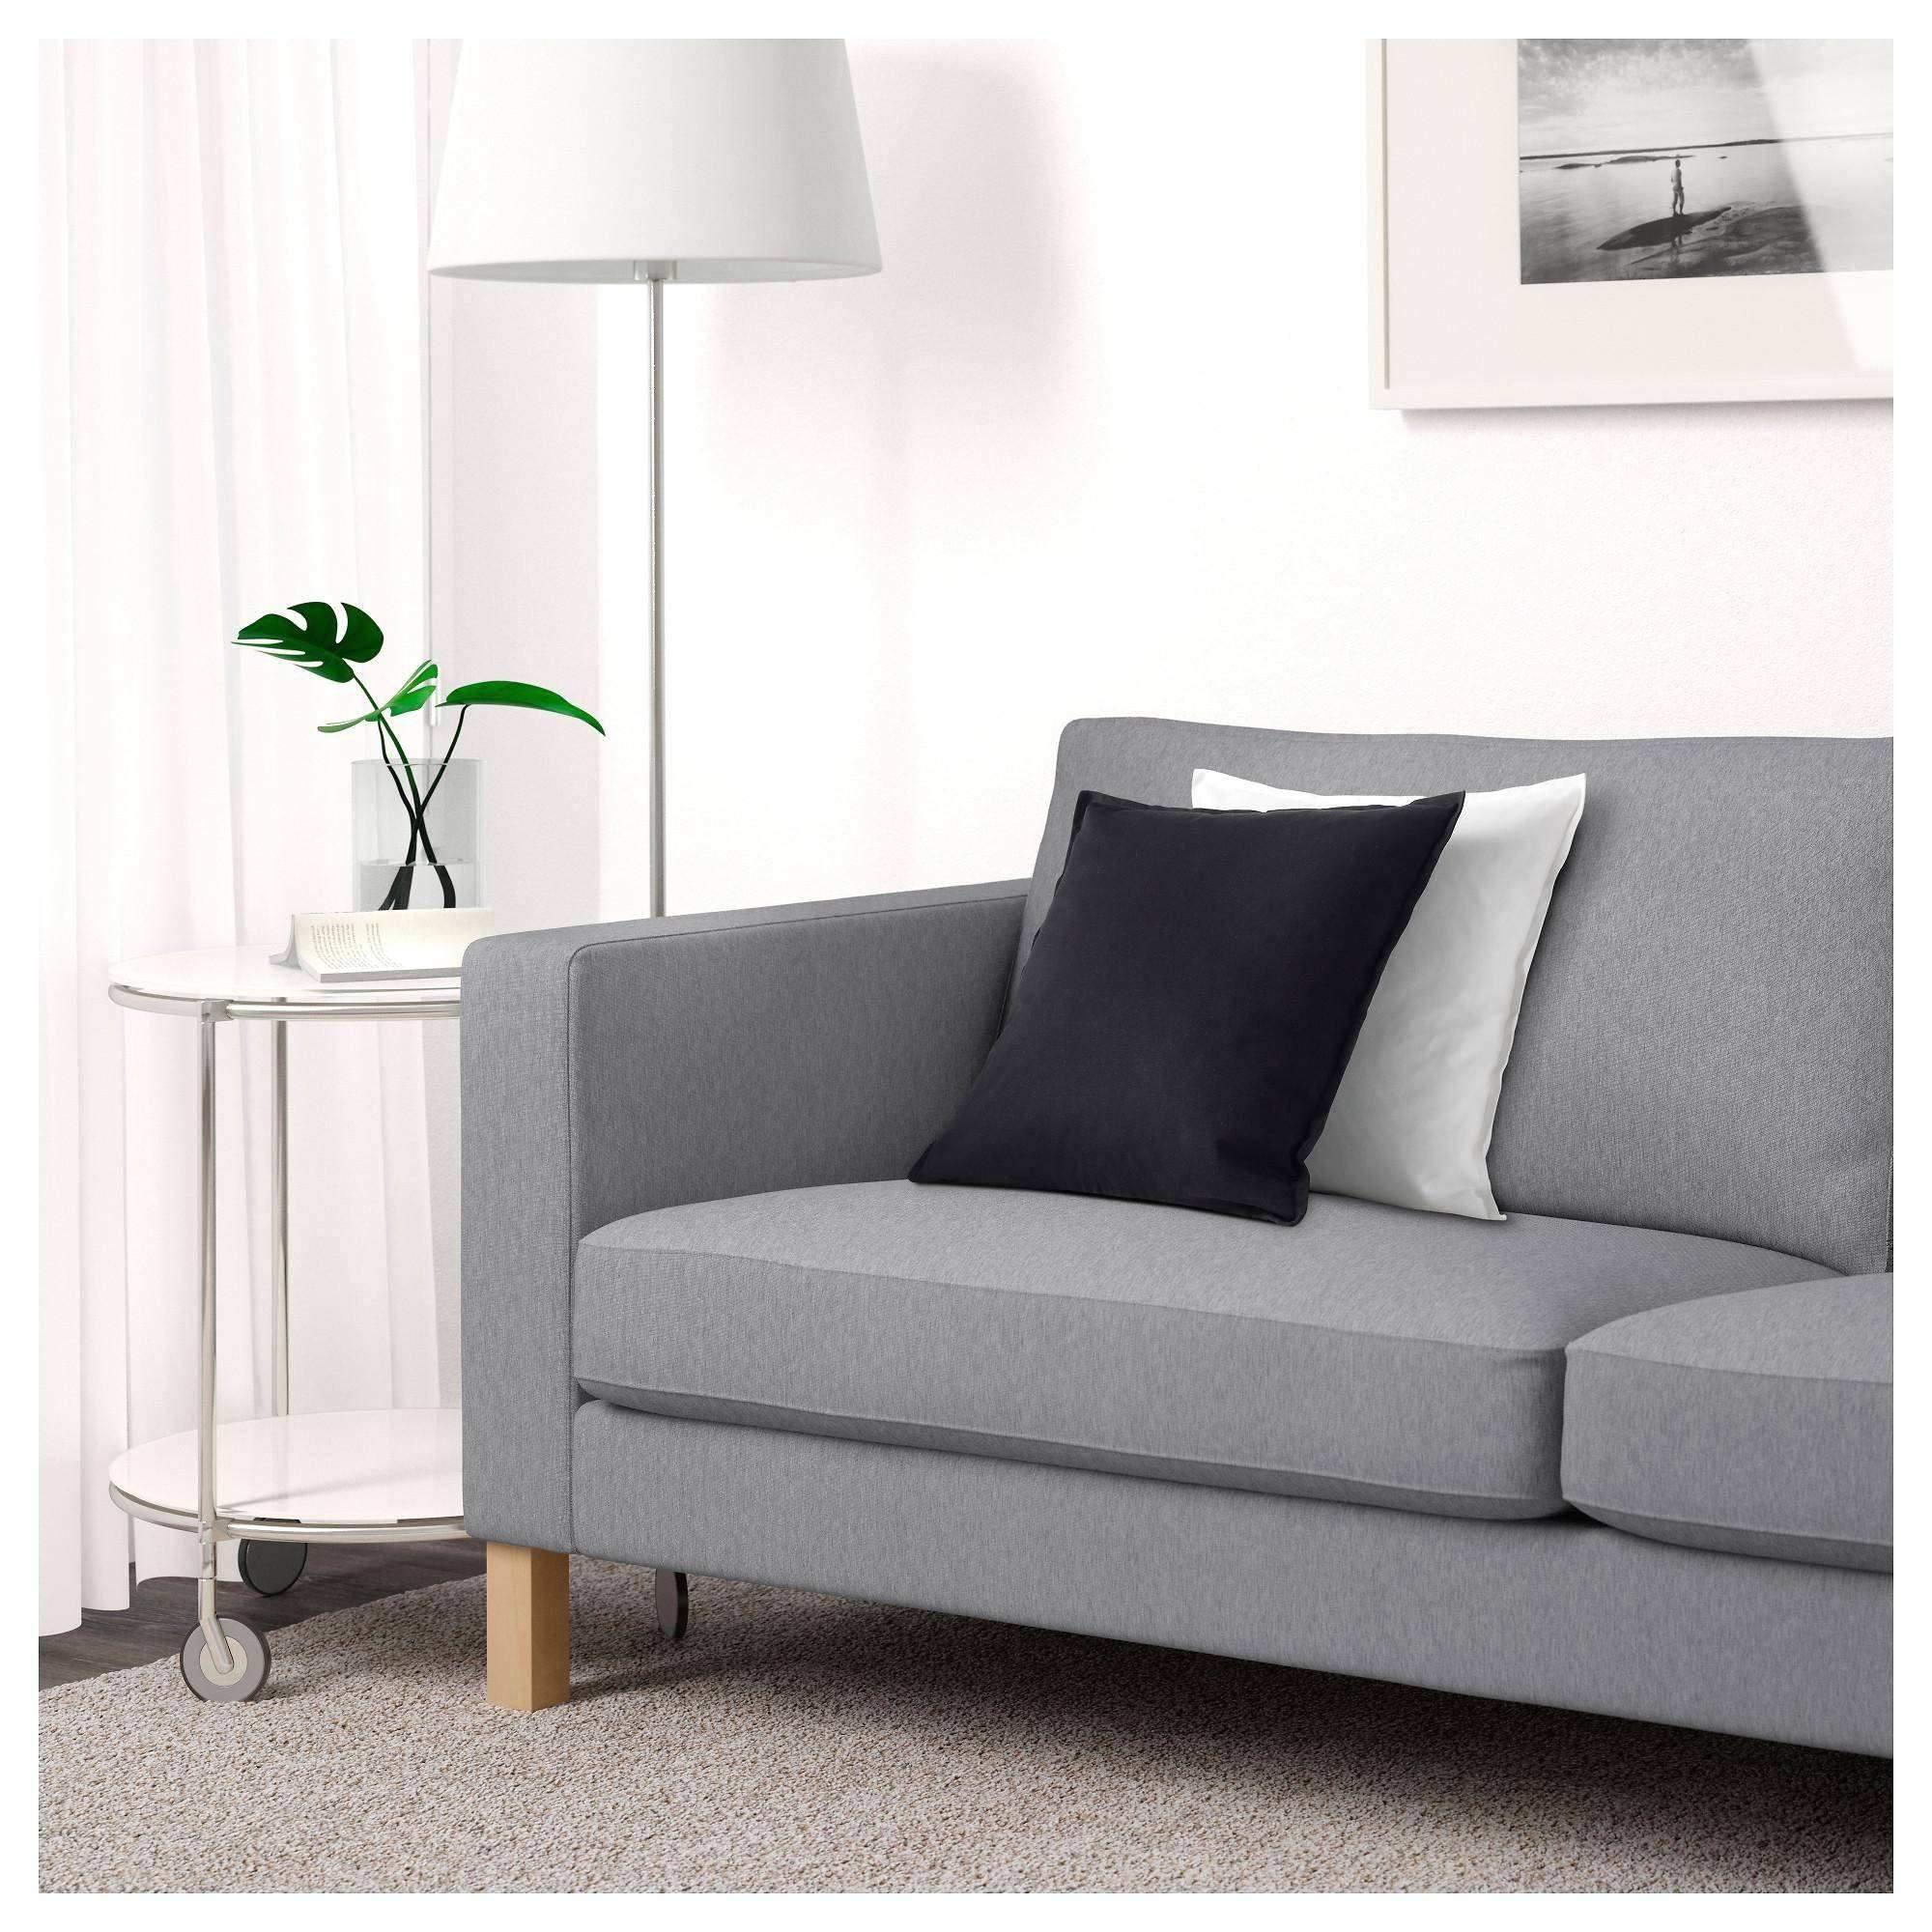 Full Size of Ikea Lampen Wohnzimmer Das Beste Von 50 Oben Betten 160x200 Küche Kosten Miniküche Modulküche Sofa Mit Schlaffunktion Bei Kaufen Wohnzimmer Wohnzimmerlampen Ikea